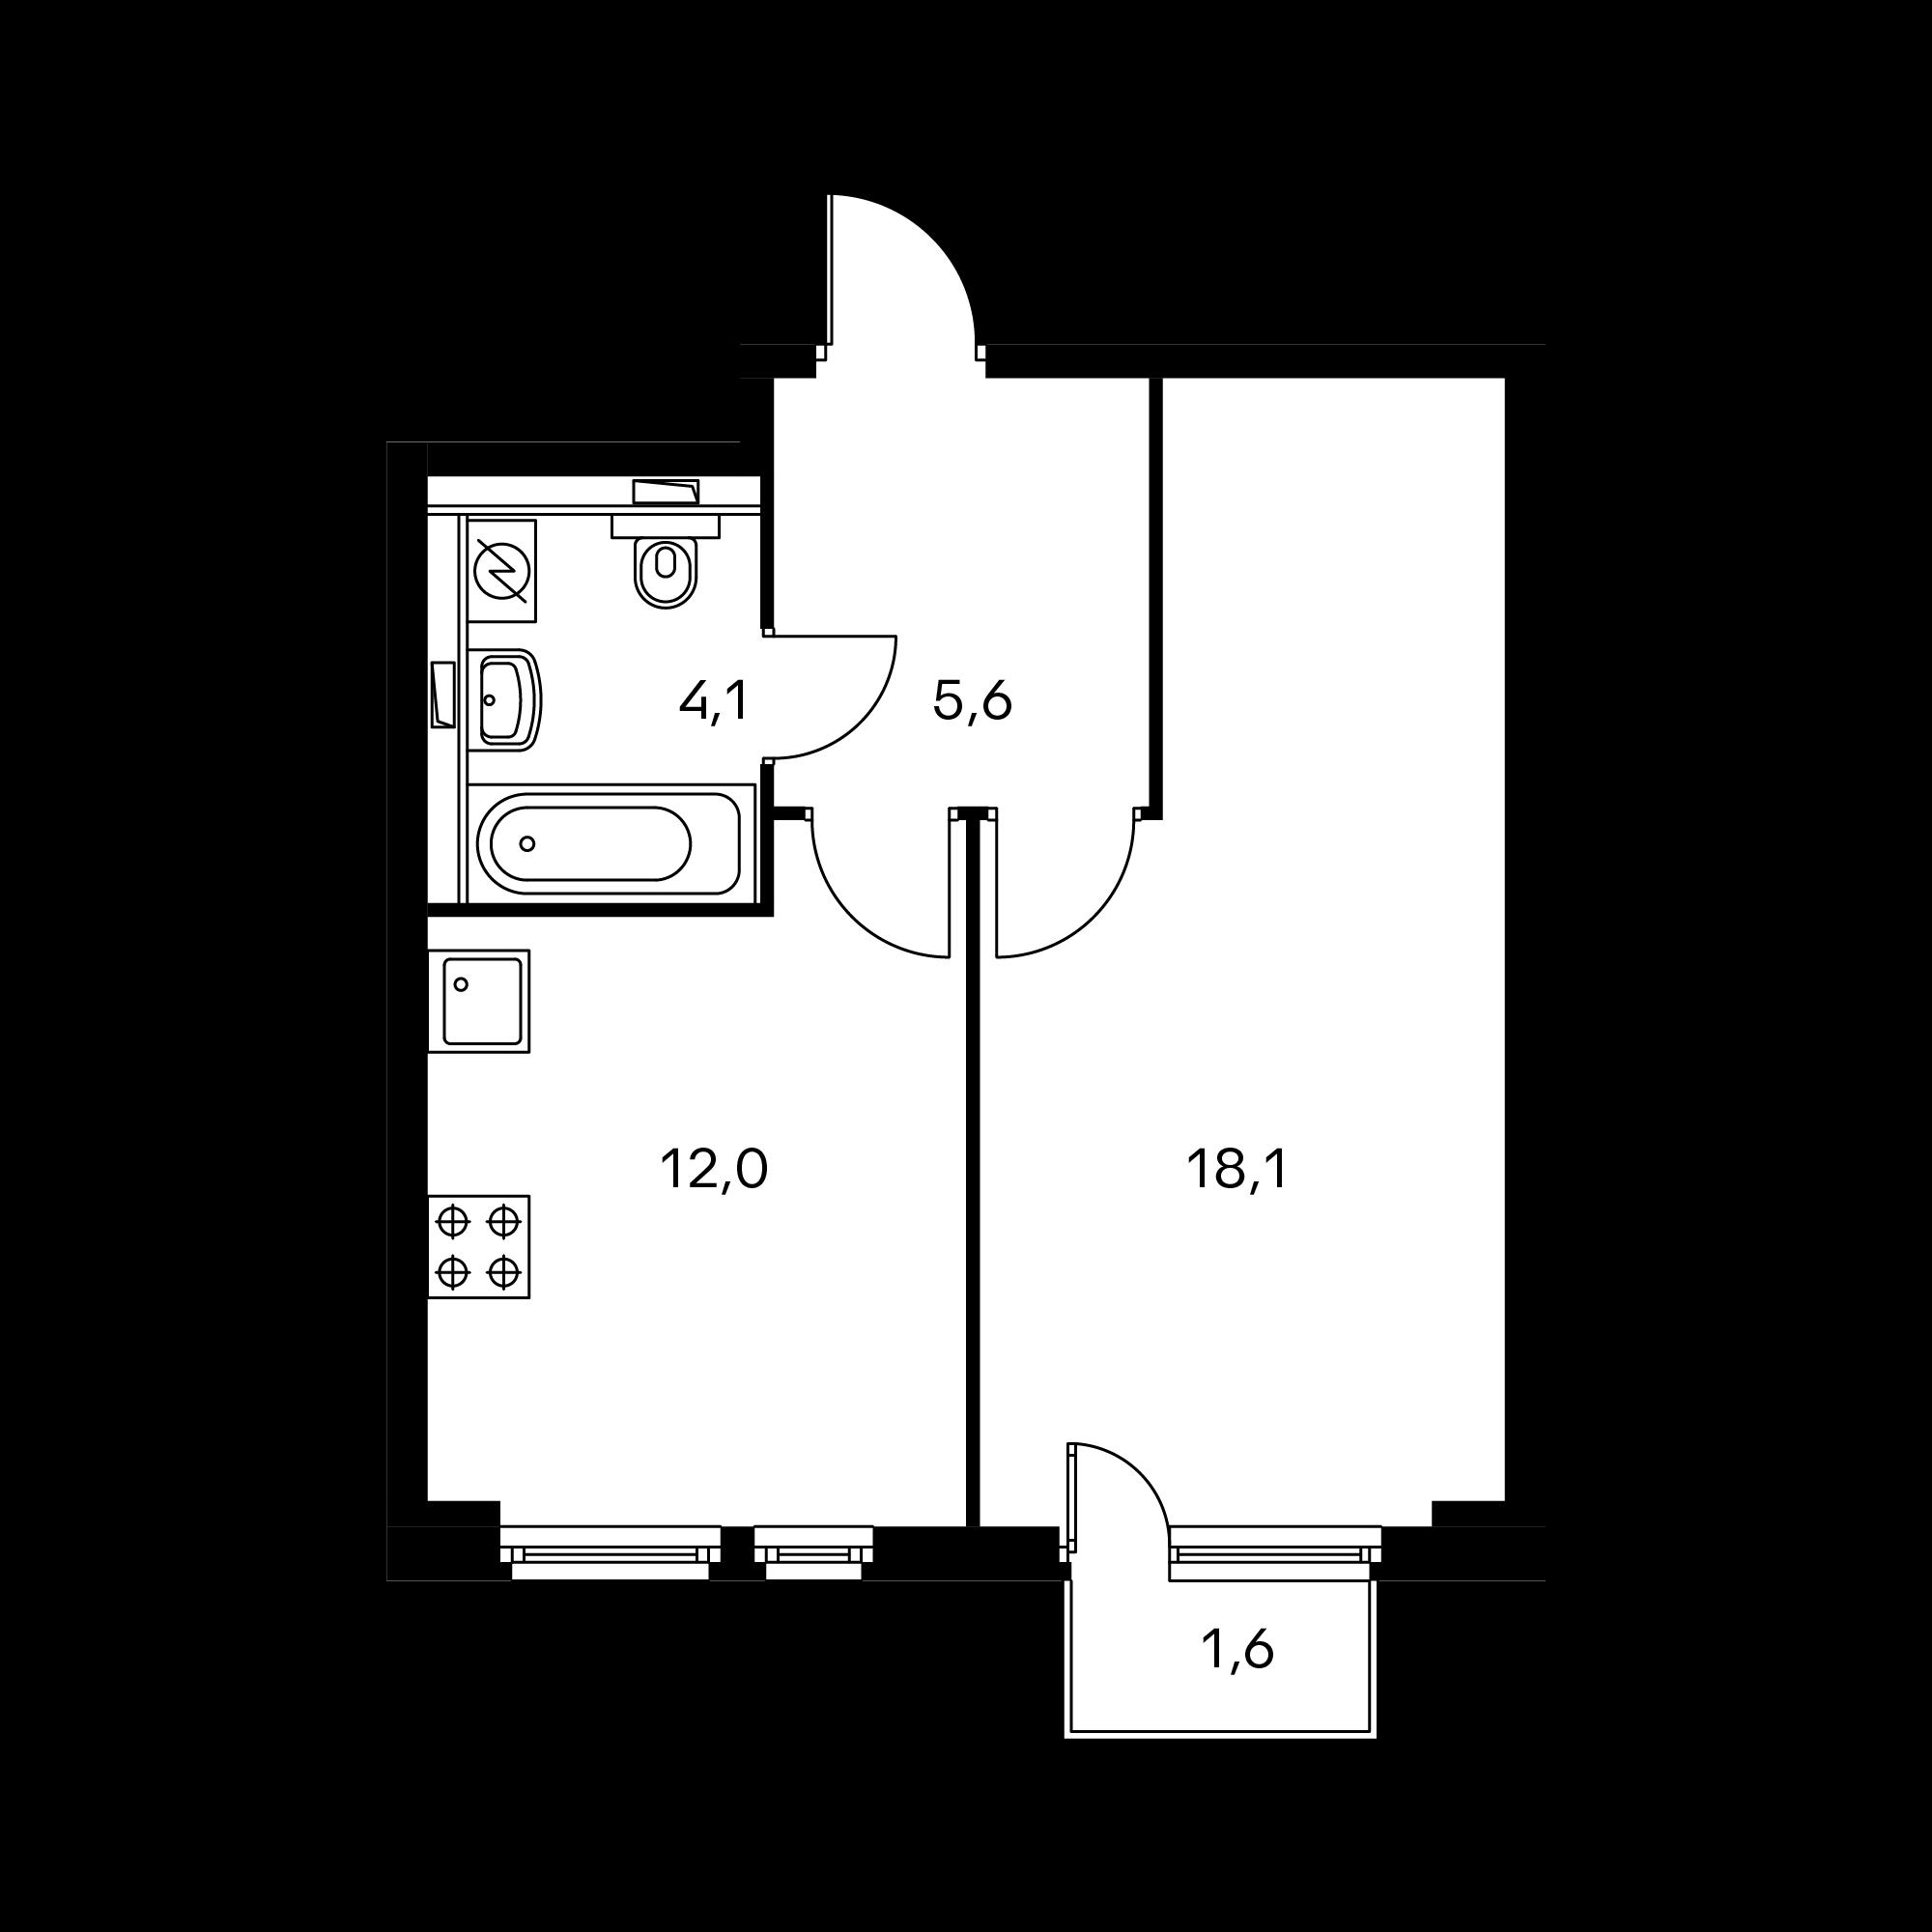 1KM1_6.6-1SAB1*